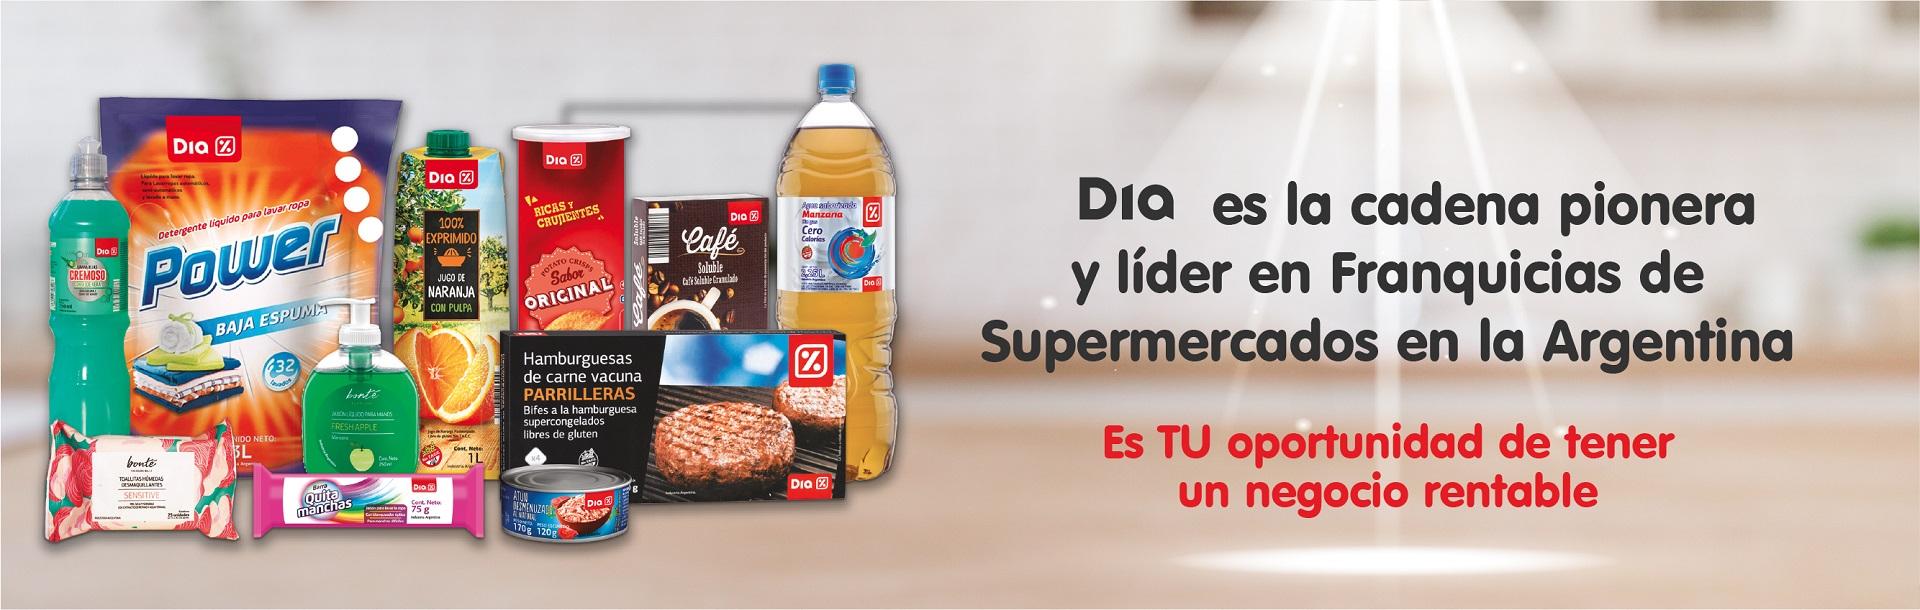 Franquicia Supermercados DIA